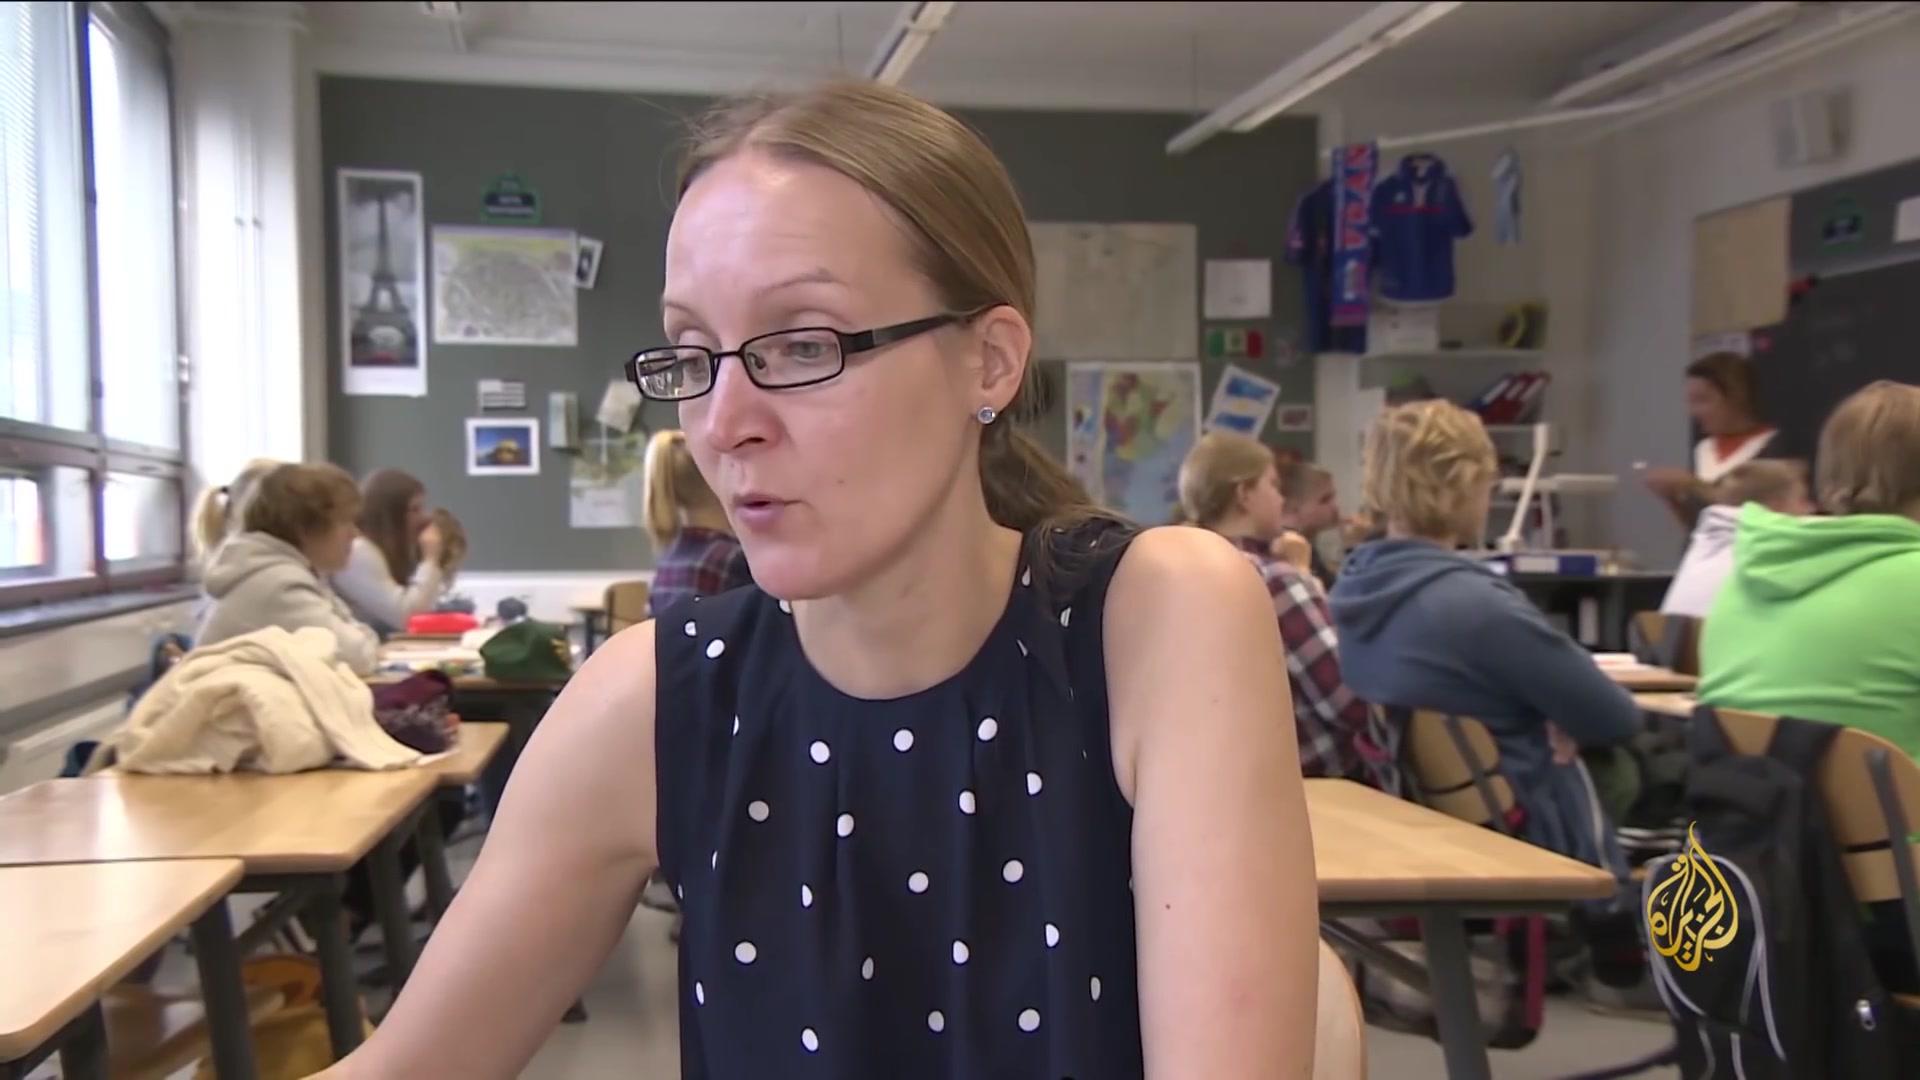 تعليم الأطفال في فنلندا مذهل جدا ومثال عال جدا للتعليم الحديث